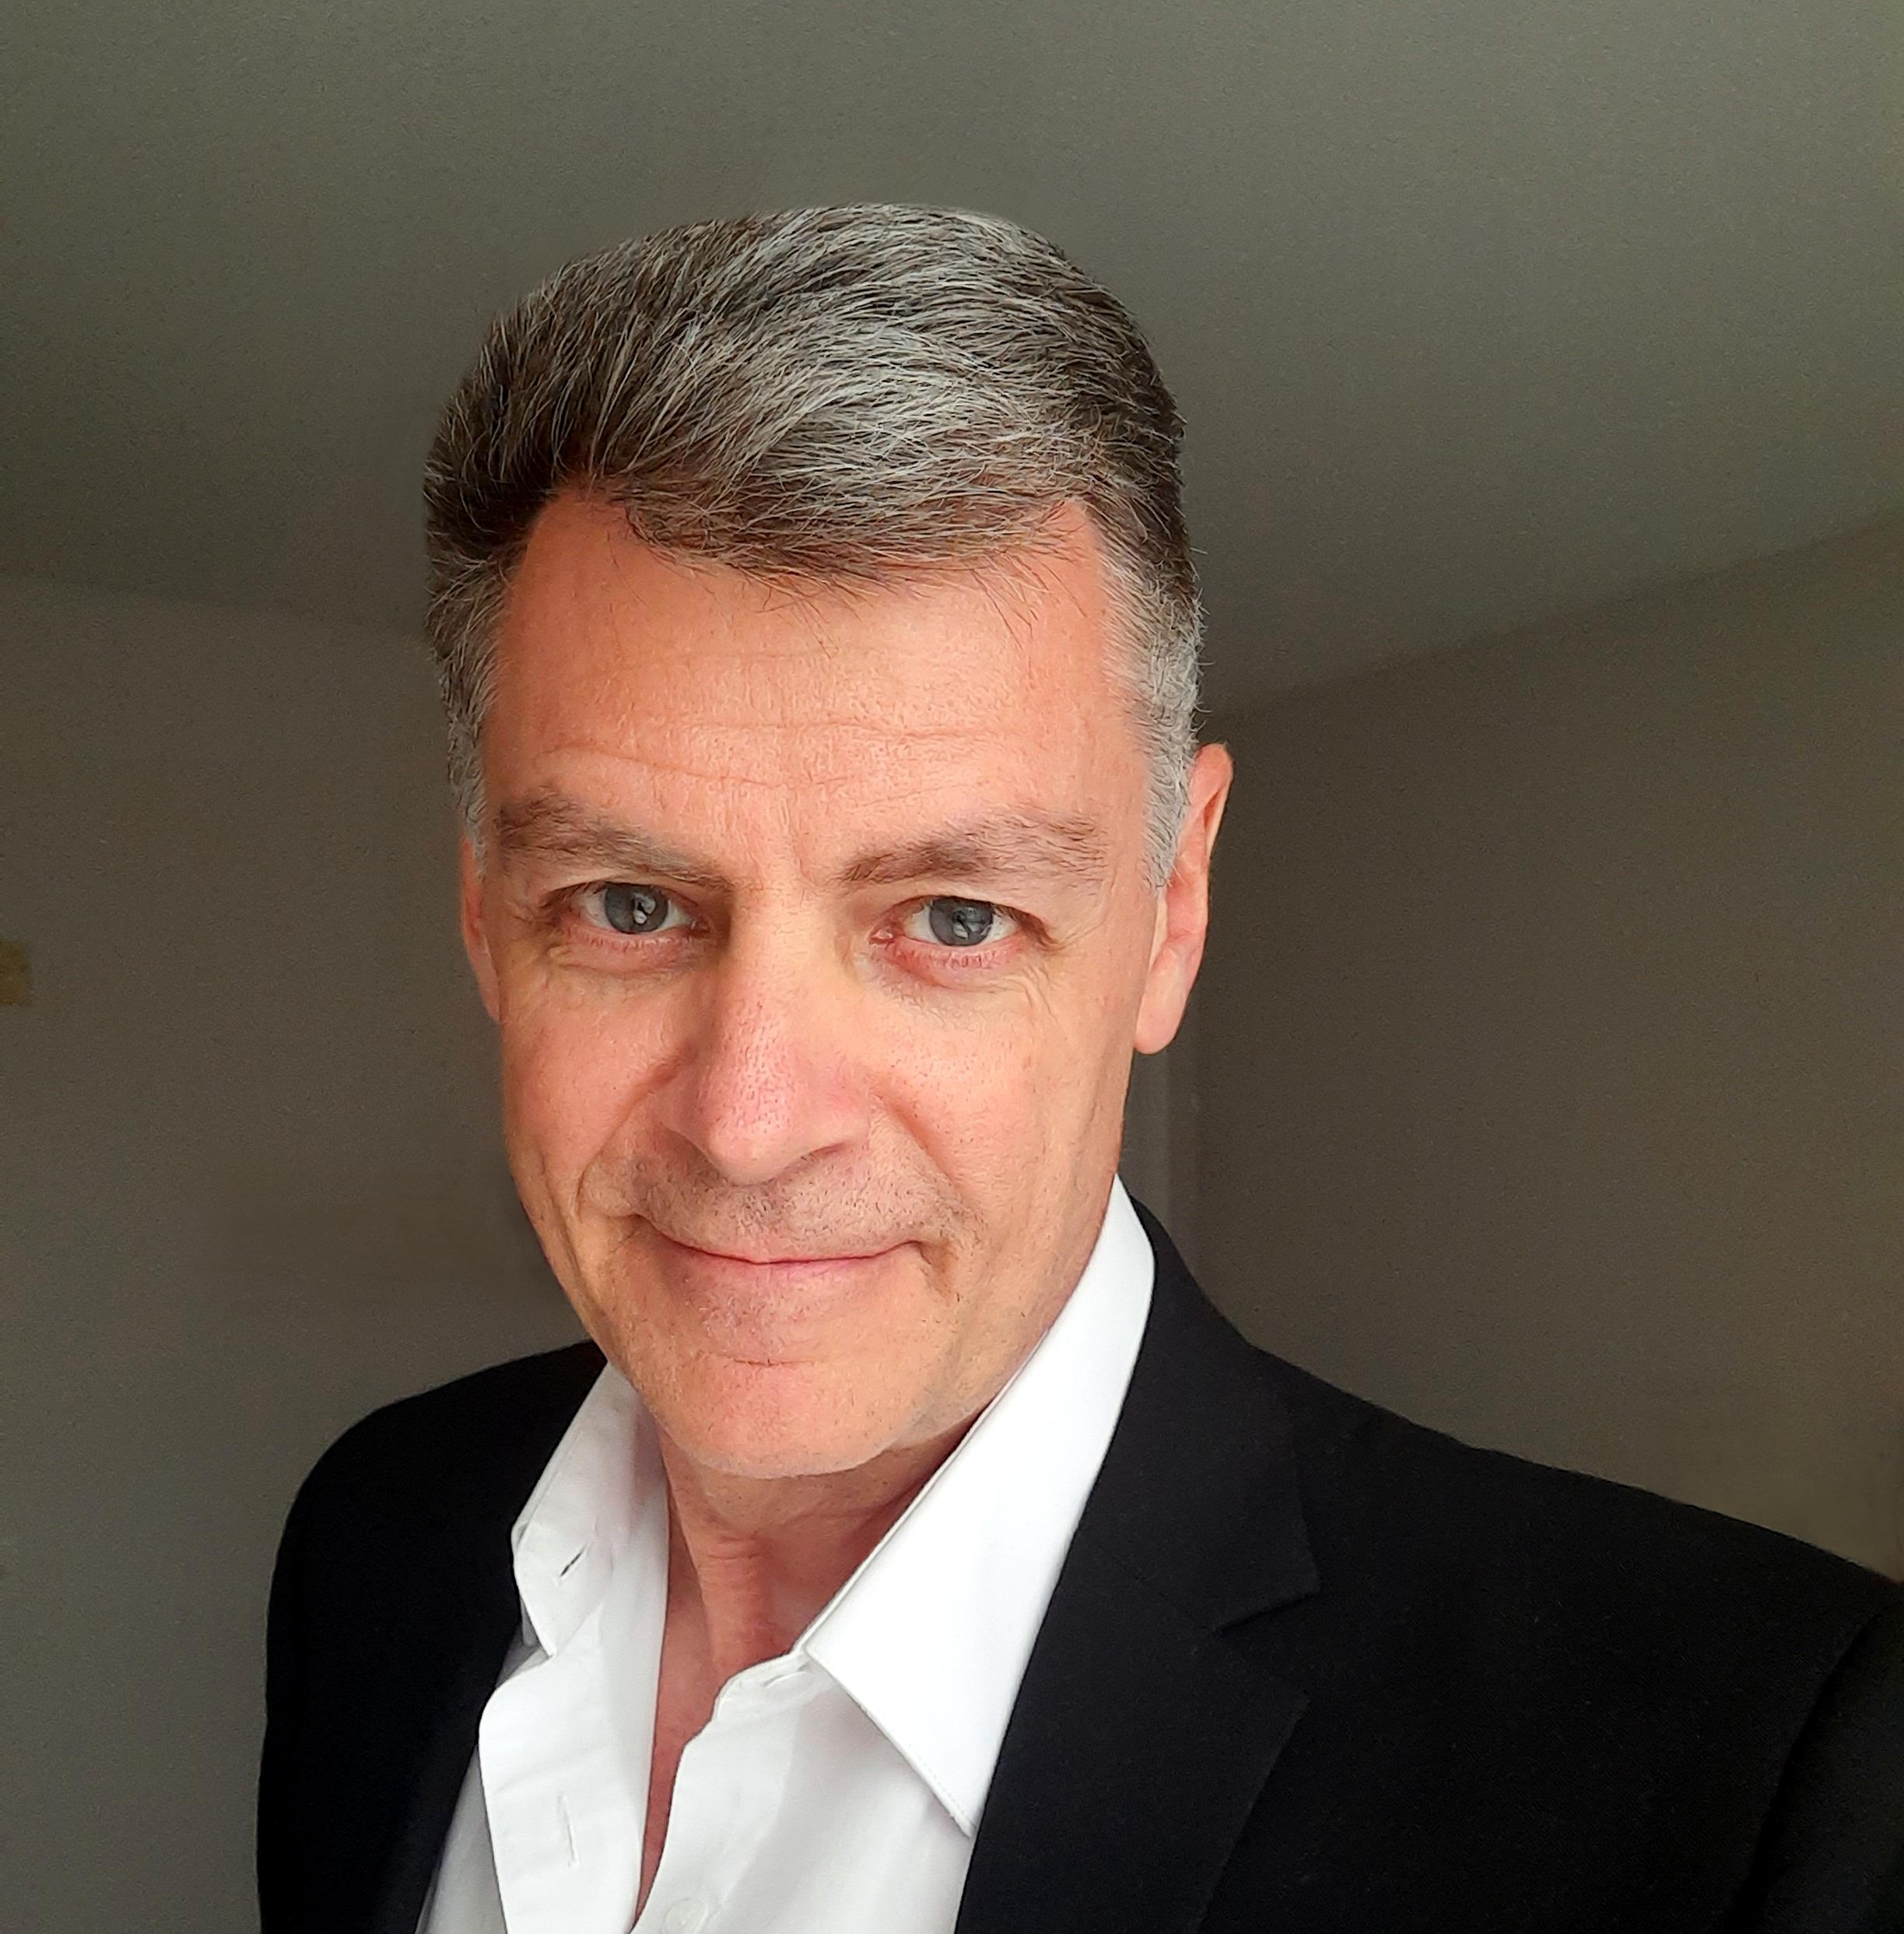 Ken Damon